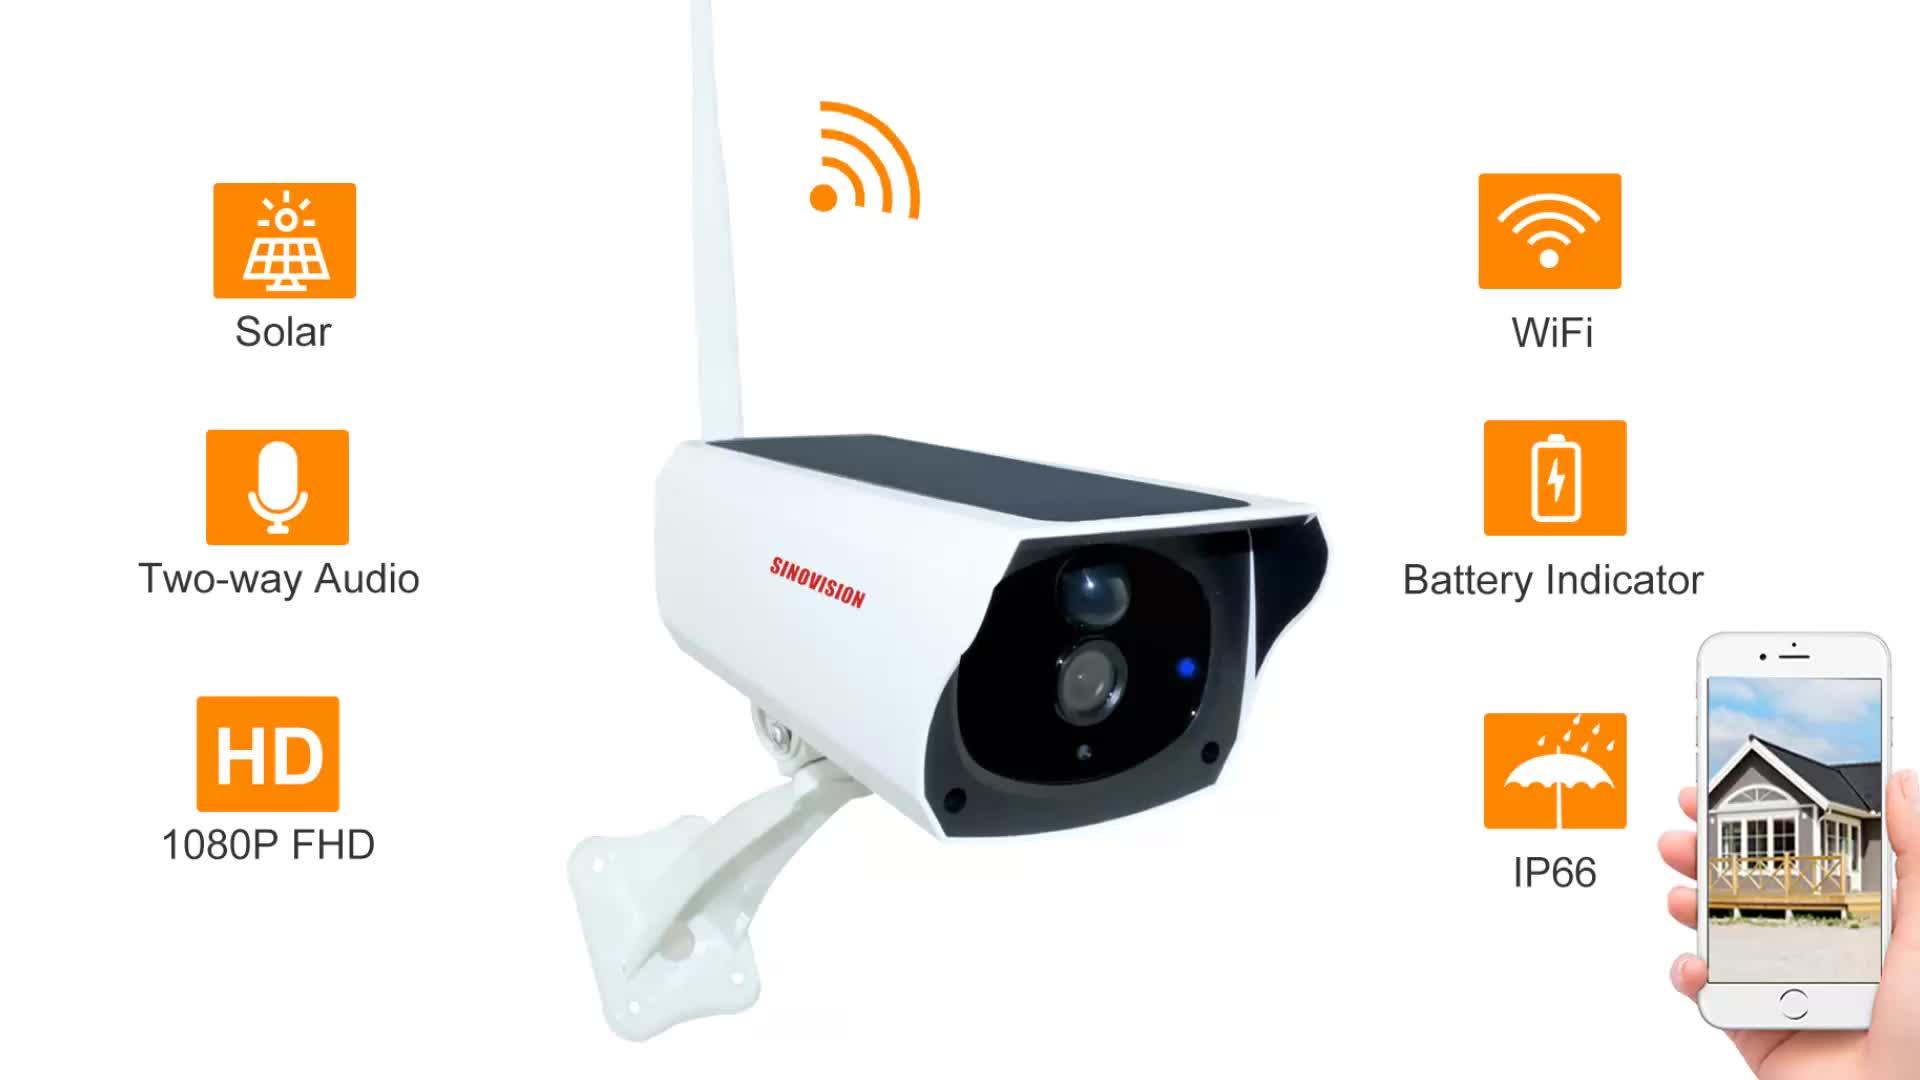 Cámara IP de vigilancia con energía Solar y WIFI de Sinovision 1080 P, cámara de seguridad para exteriores con visión nocturna a prueba de agua de 2.0MP